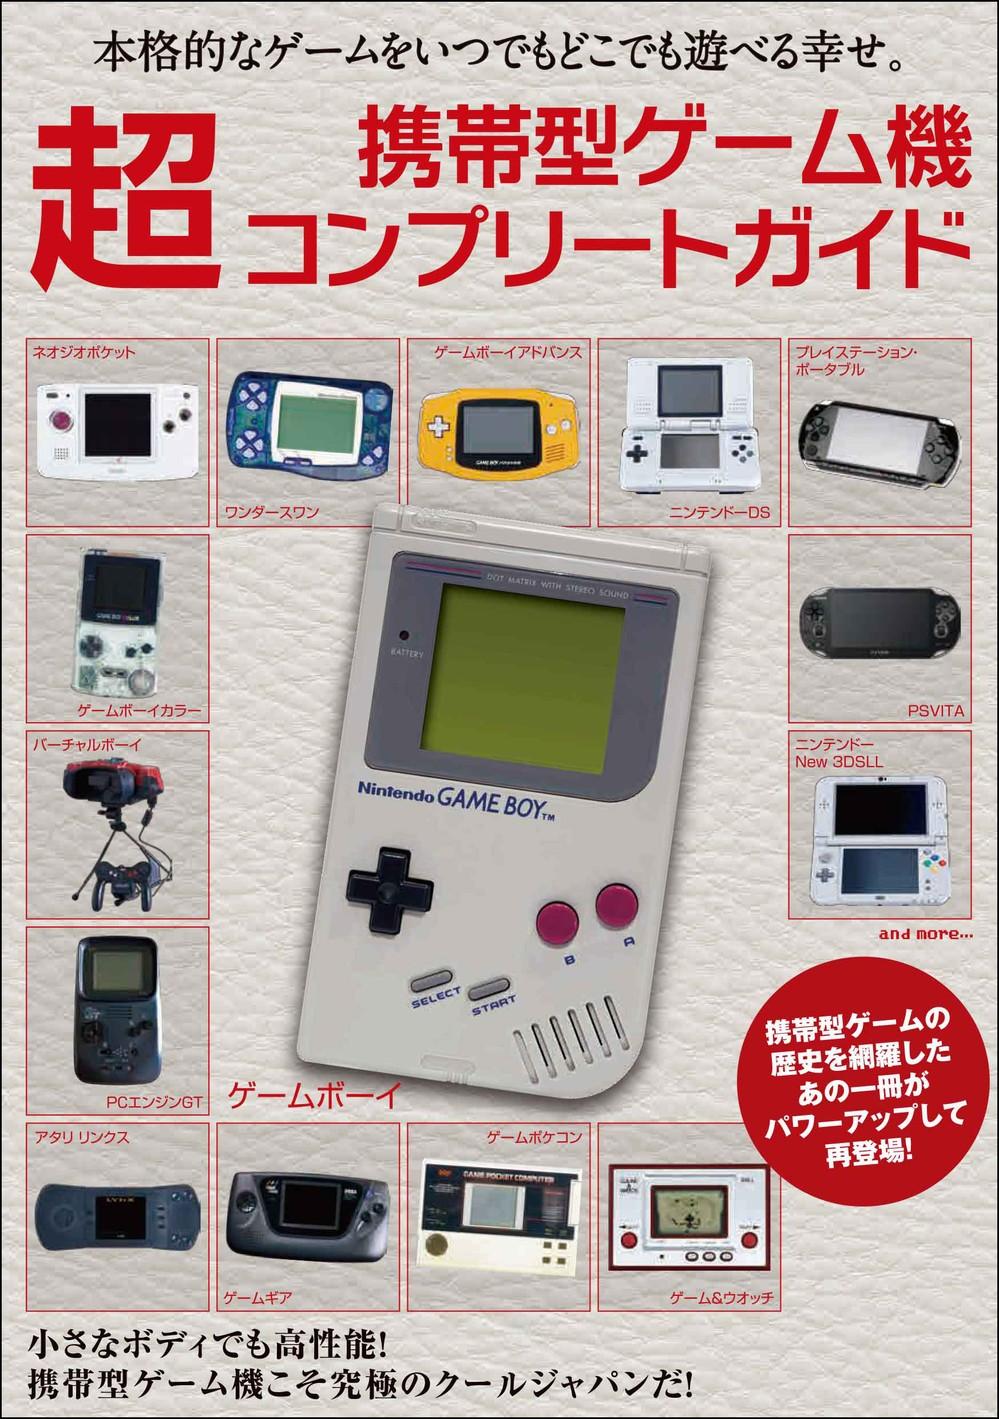 「携帯型ゲーム機」の歴史がこの1冊で丸わかり! 「ゲーム&ウオッチ」から海外ゲーム機まで